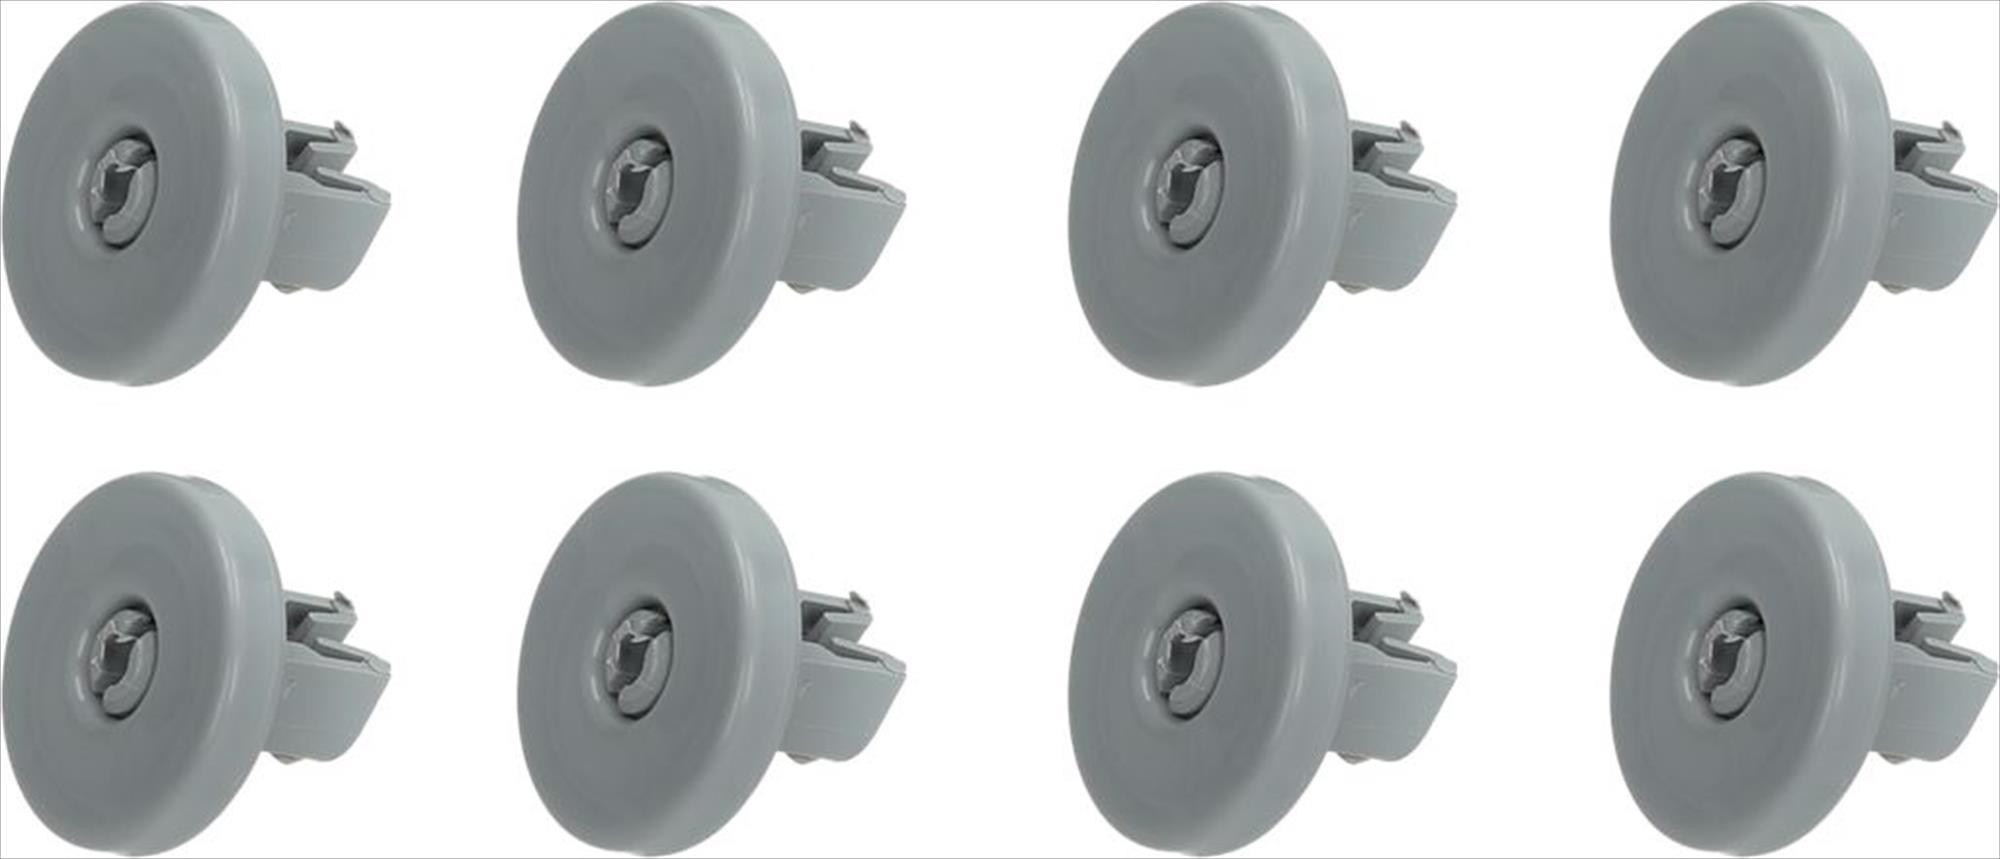 Ravizo wieltjes voor onderkorf Aeg, Electrolux, Zanussi vaatwasser 50286965004, 50269748005